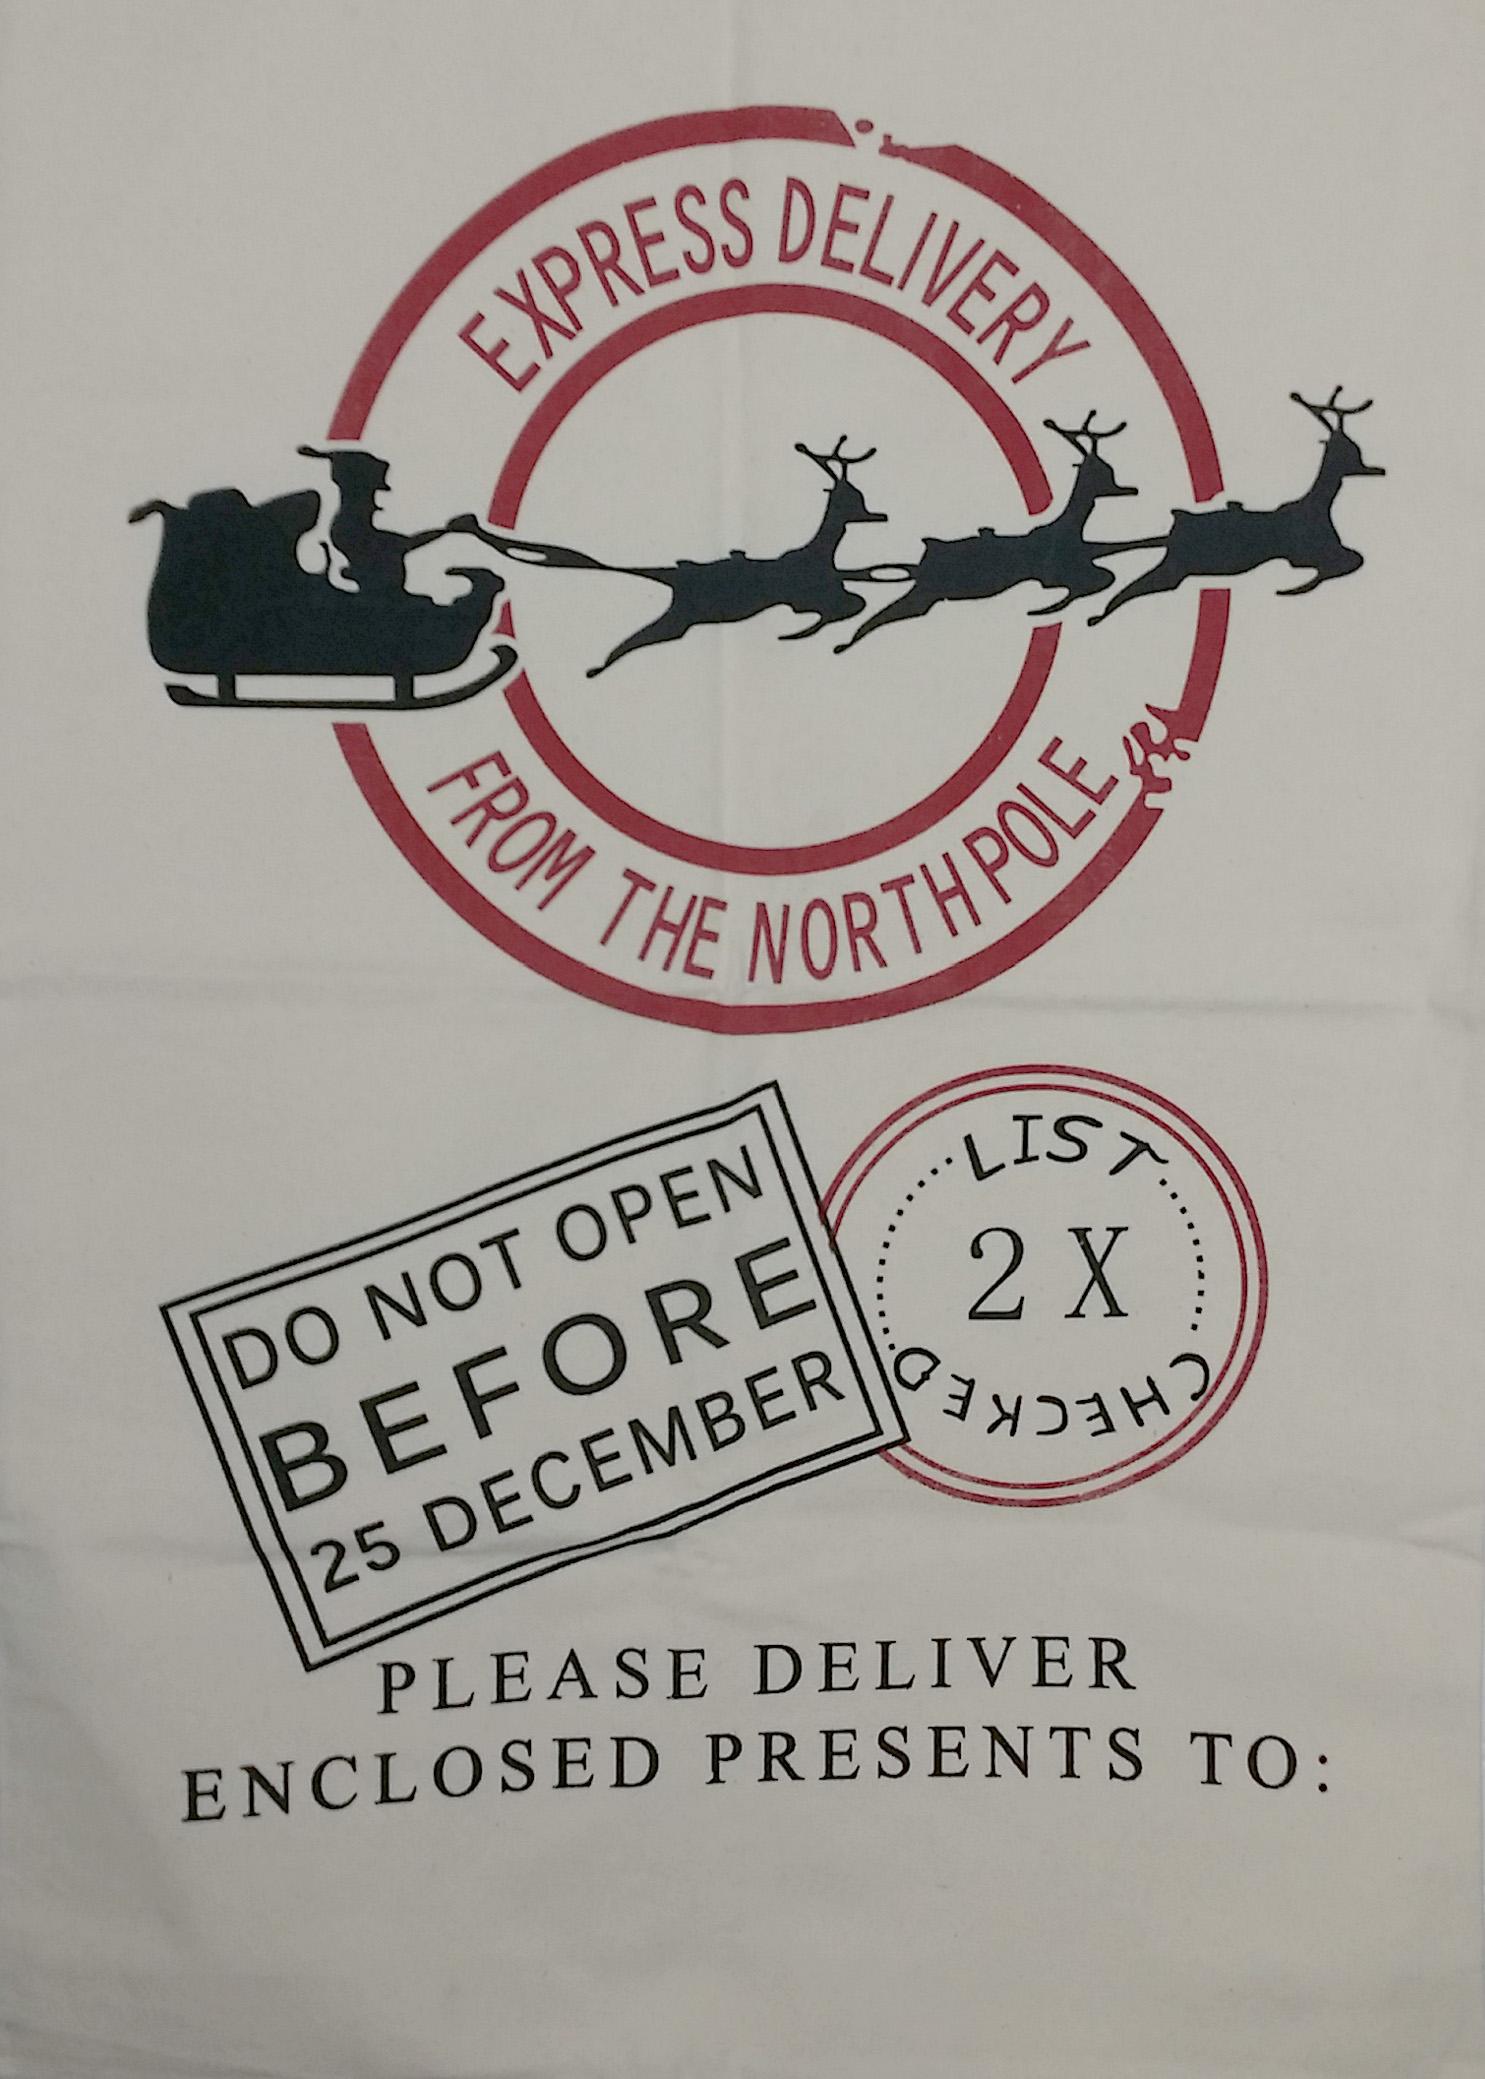 Express Delivery v1.jpg